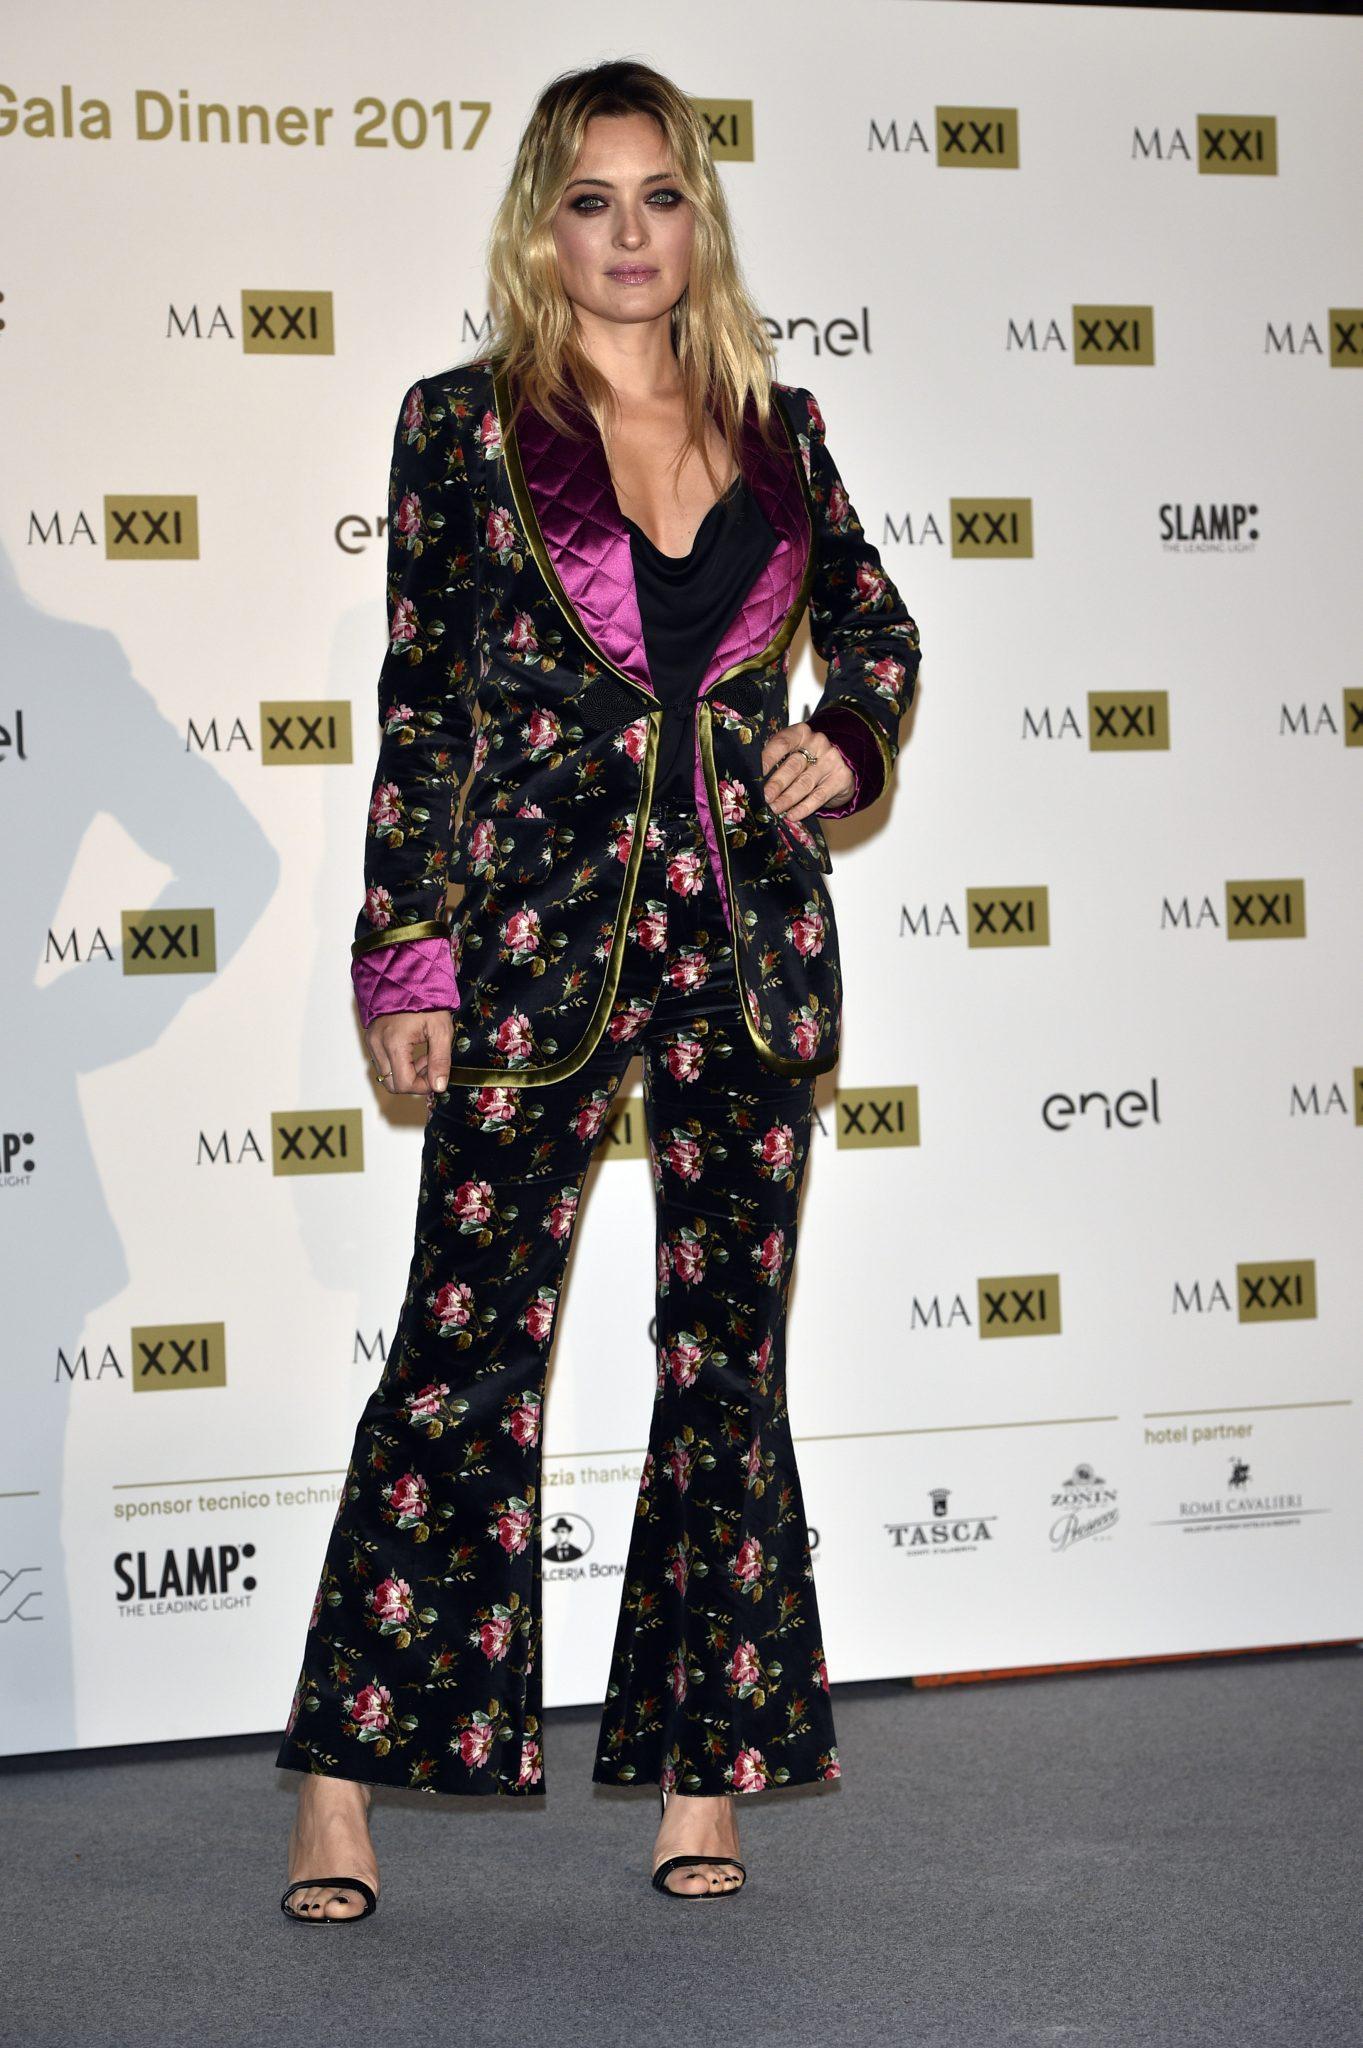 Come tante celebrities nel mondo anche la nostrana Carolina Crescentini sceglie Gucci sfoggiando un total look della collezione Cruise 2018. Sandali a tacco alto in pelle, un completo in velluto nero stampato con revers e polsini fucsia